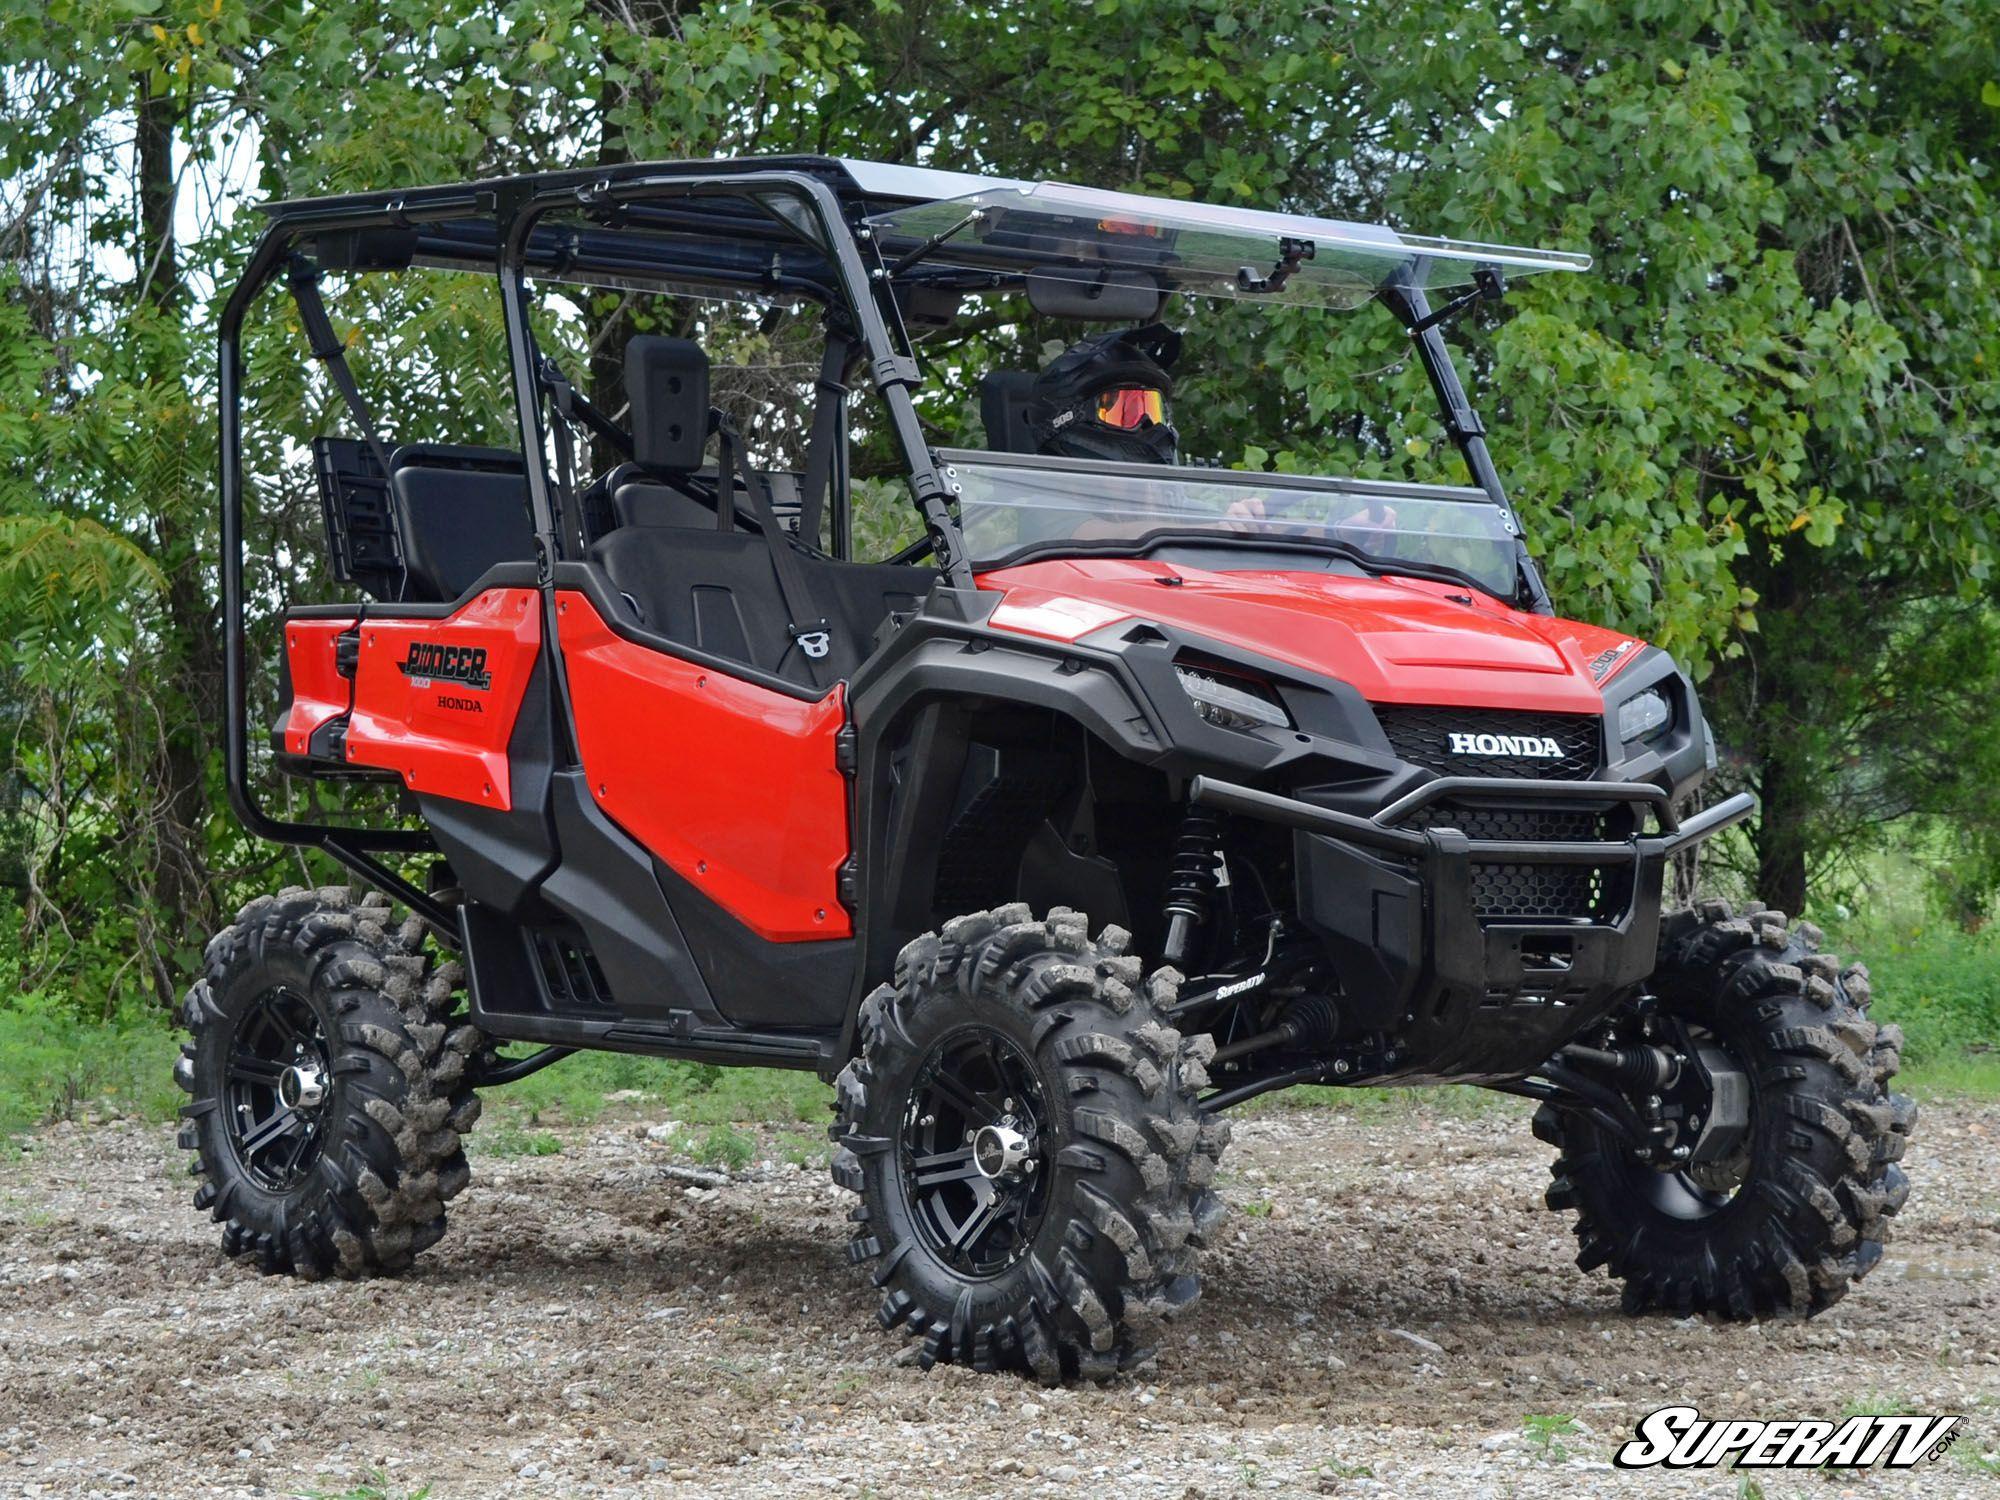 superatv  u2013 honda pioneer 1000 4 u2033 portal gear lift  u00bb bad